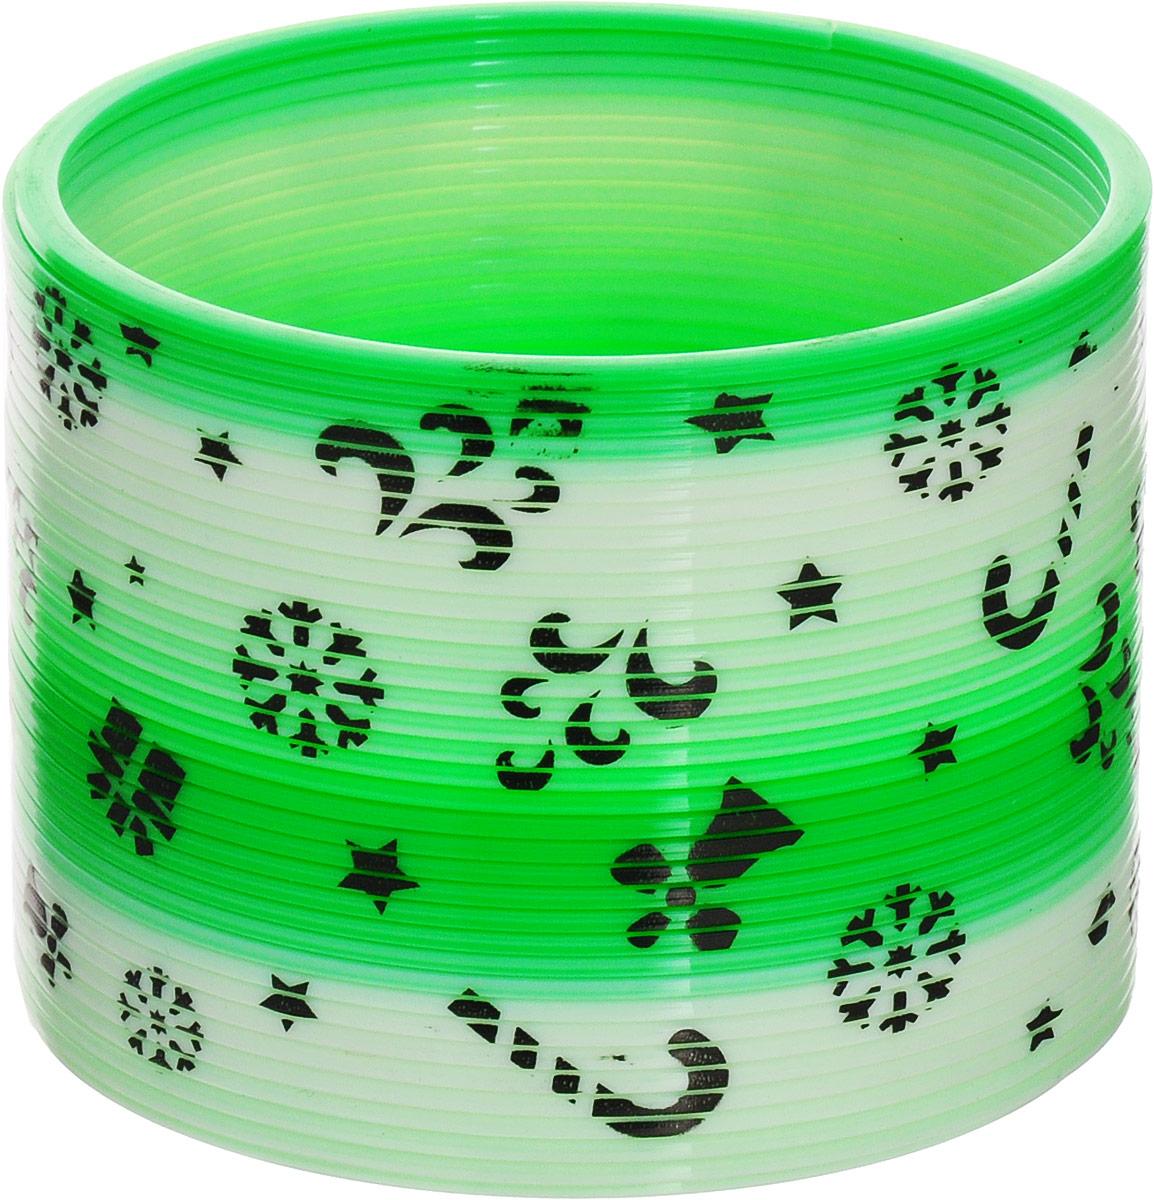 Sima-land Антистрессовая игрушка Пружинка-радуга Узоры цвет зеленый